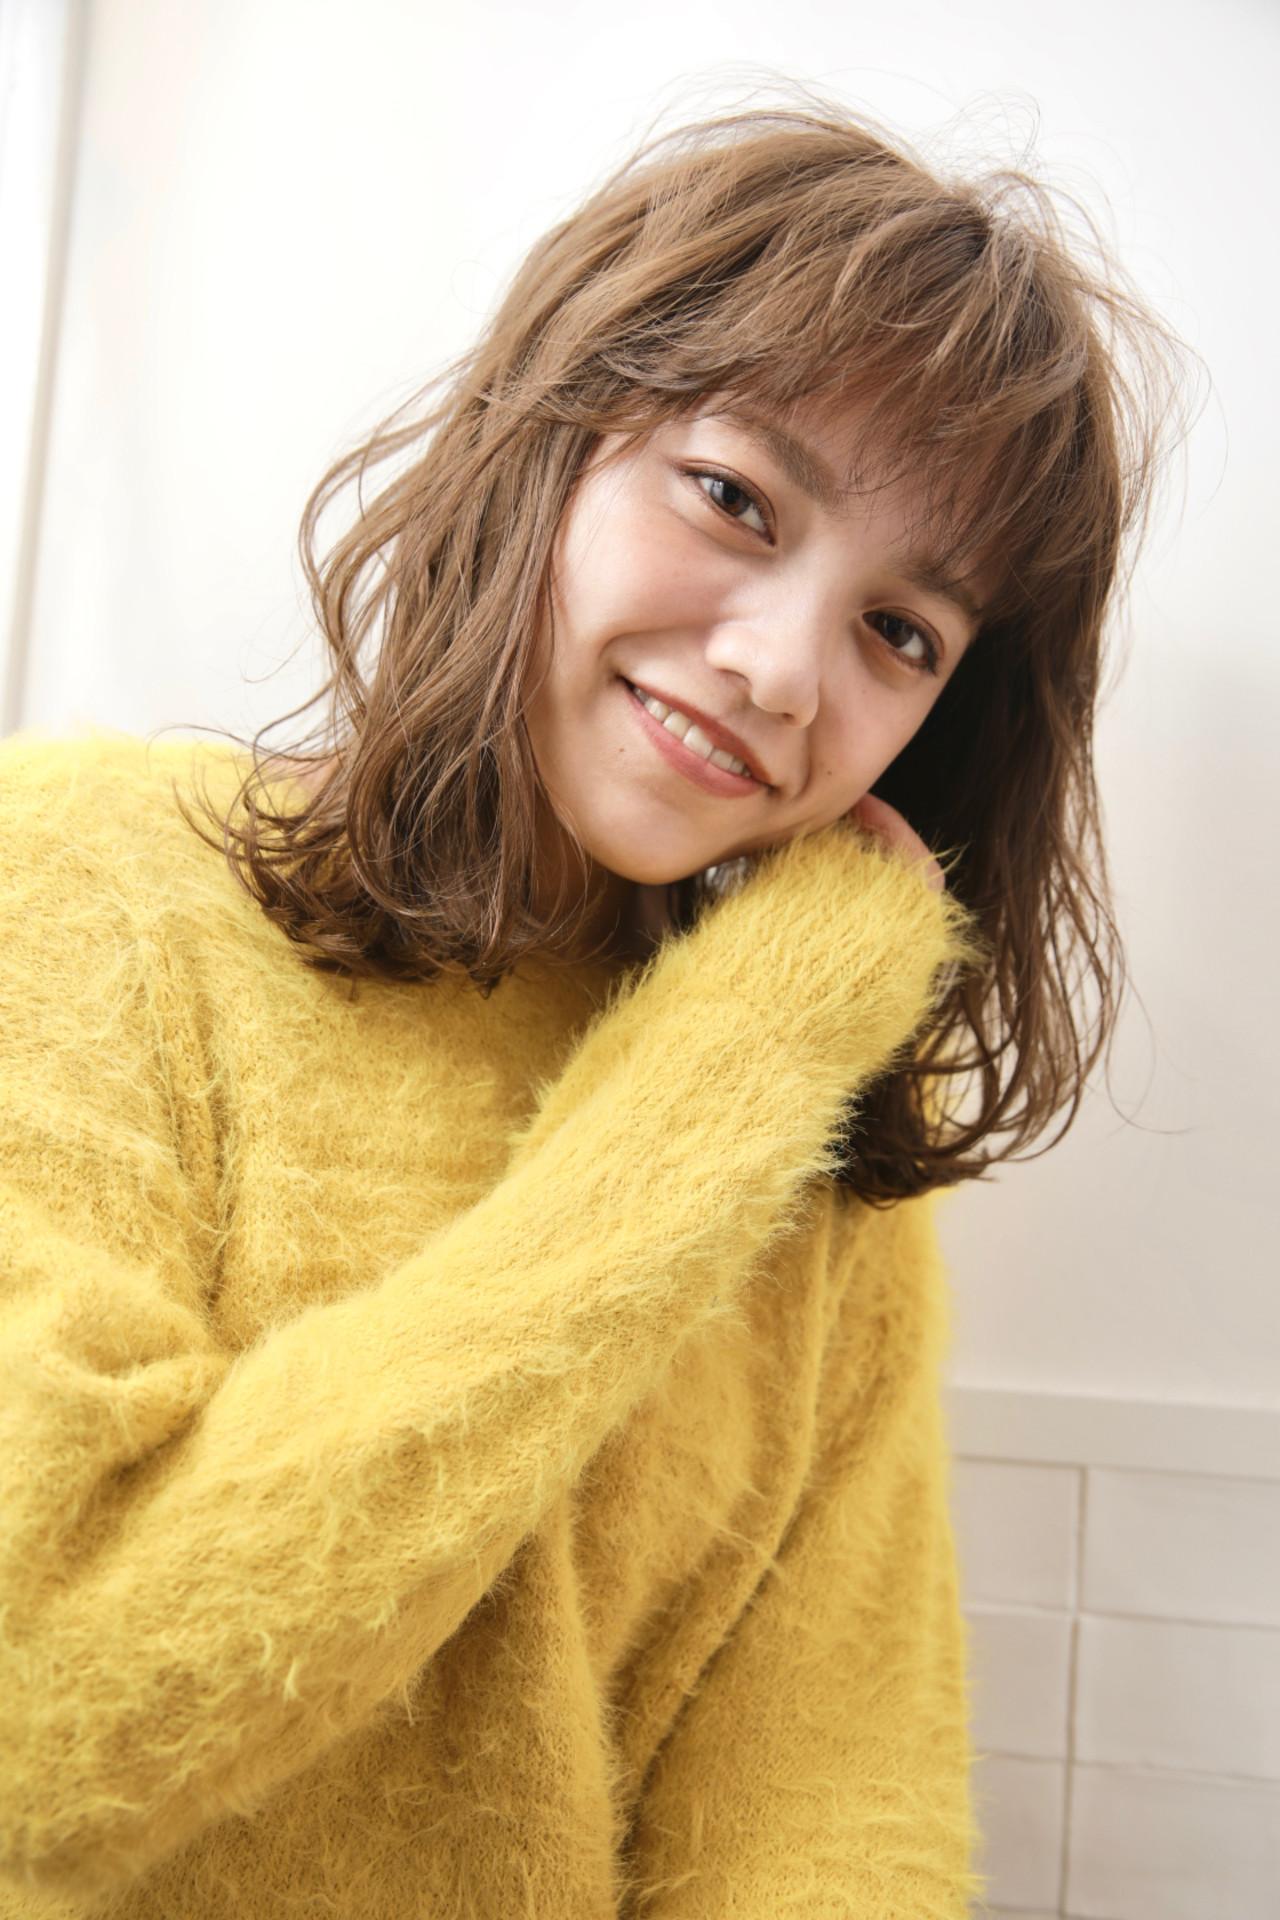 ゆるふわパーマ パーマ 無造作パーマ ミディアム ヘアスタイルや髪型の写真・画像 | タカトリミキ/ Neolive CiroL. / Neolive CiroL.